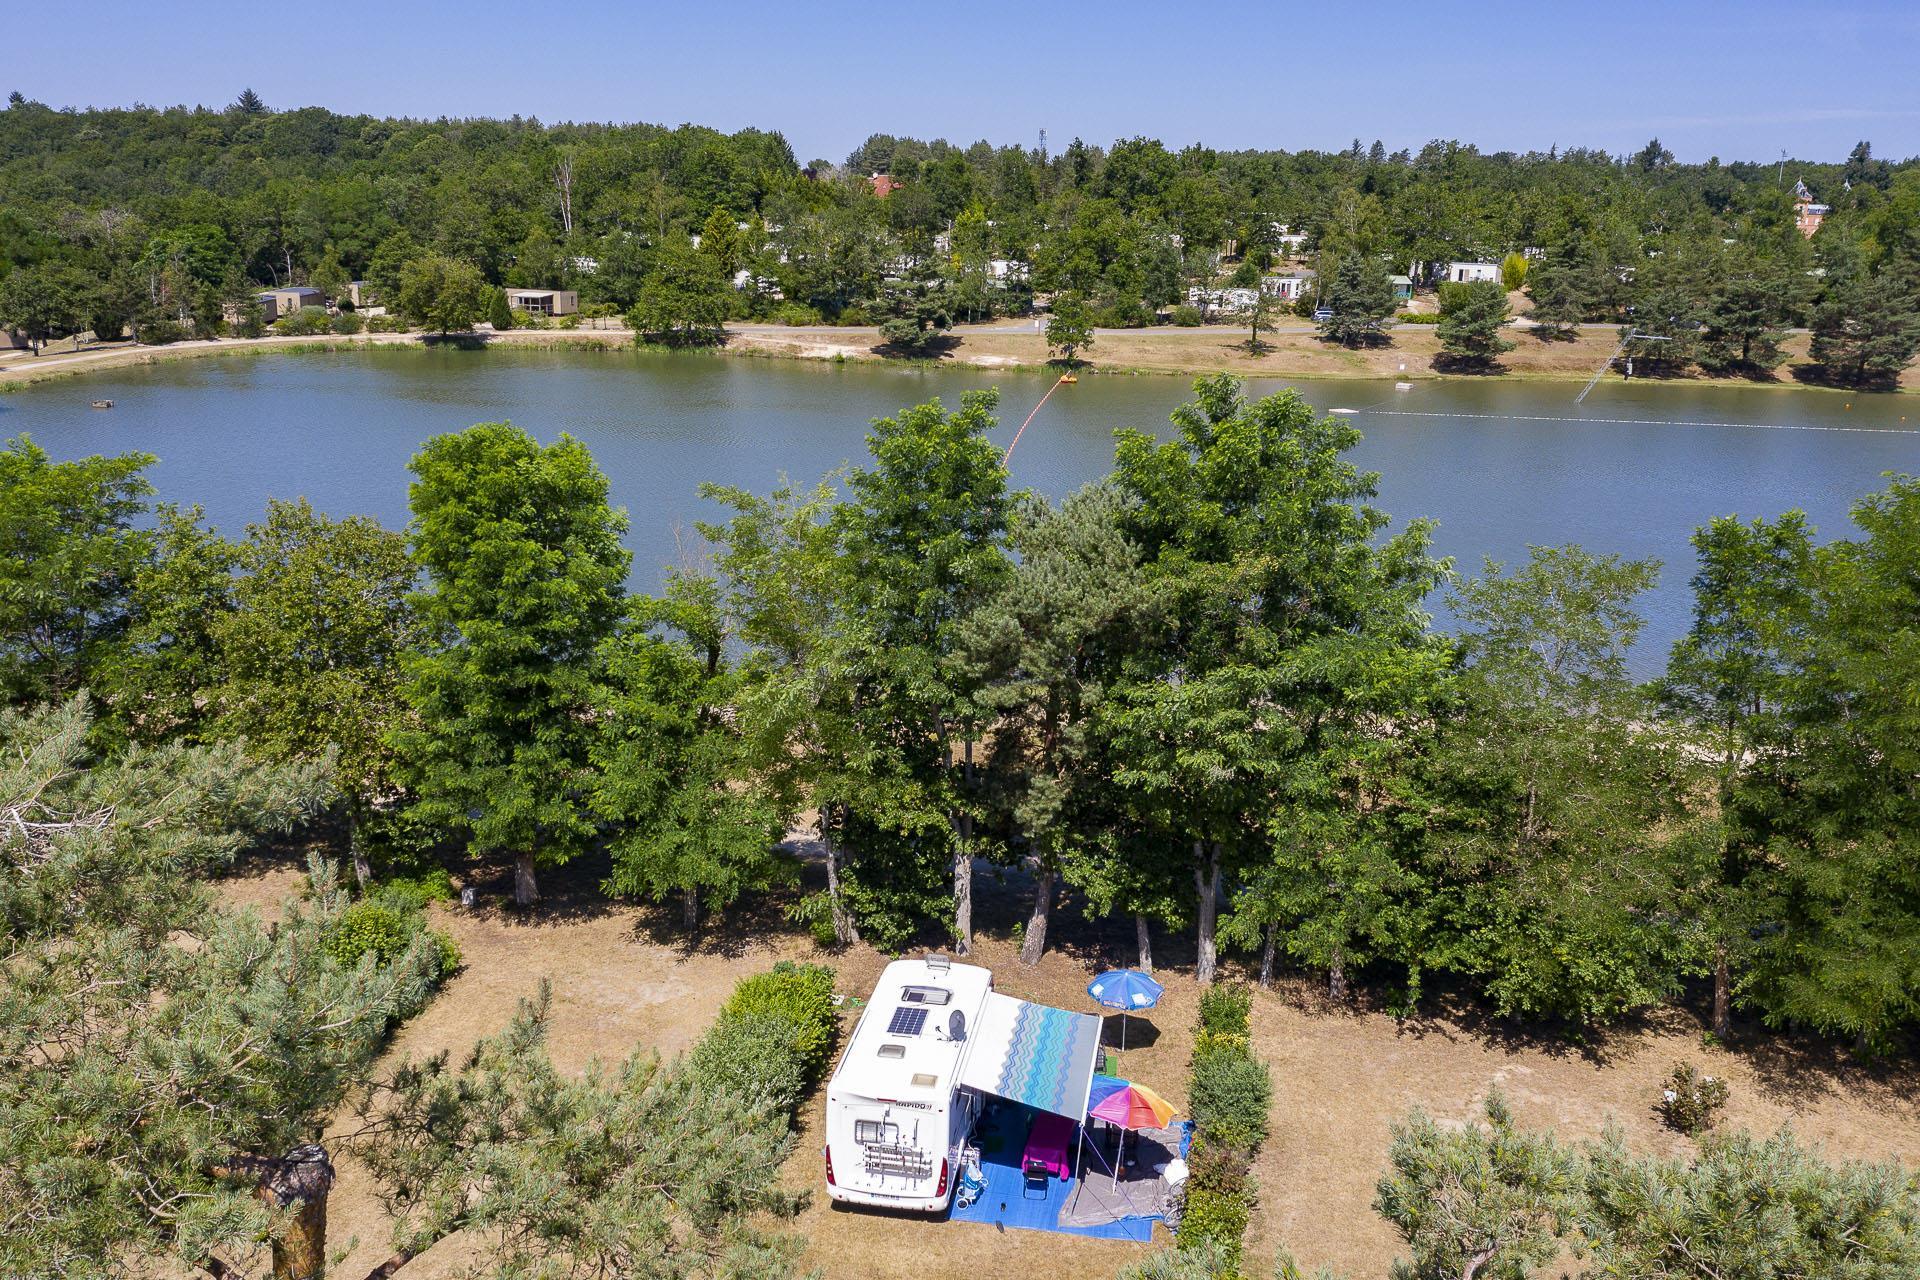 Camping Les Alicourts Resort, Pierrefitte-sur-Sauldre, Loir-et-Cher